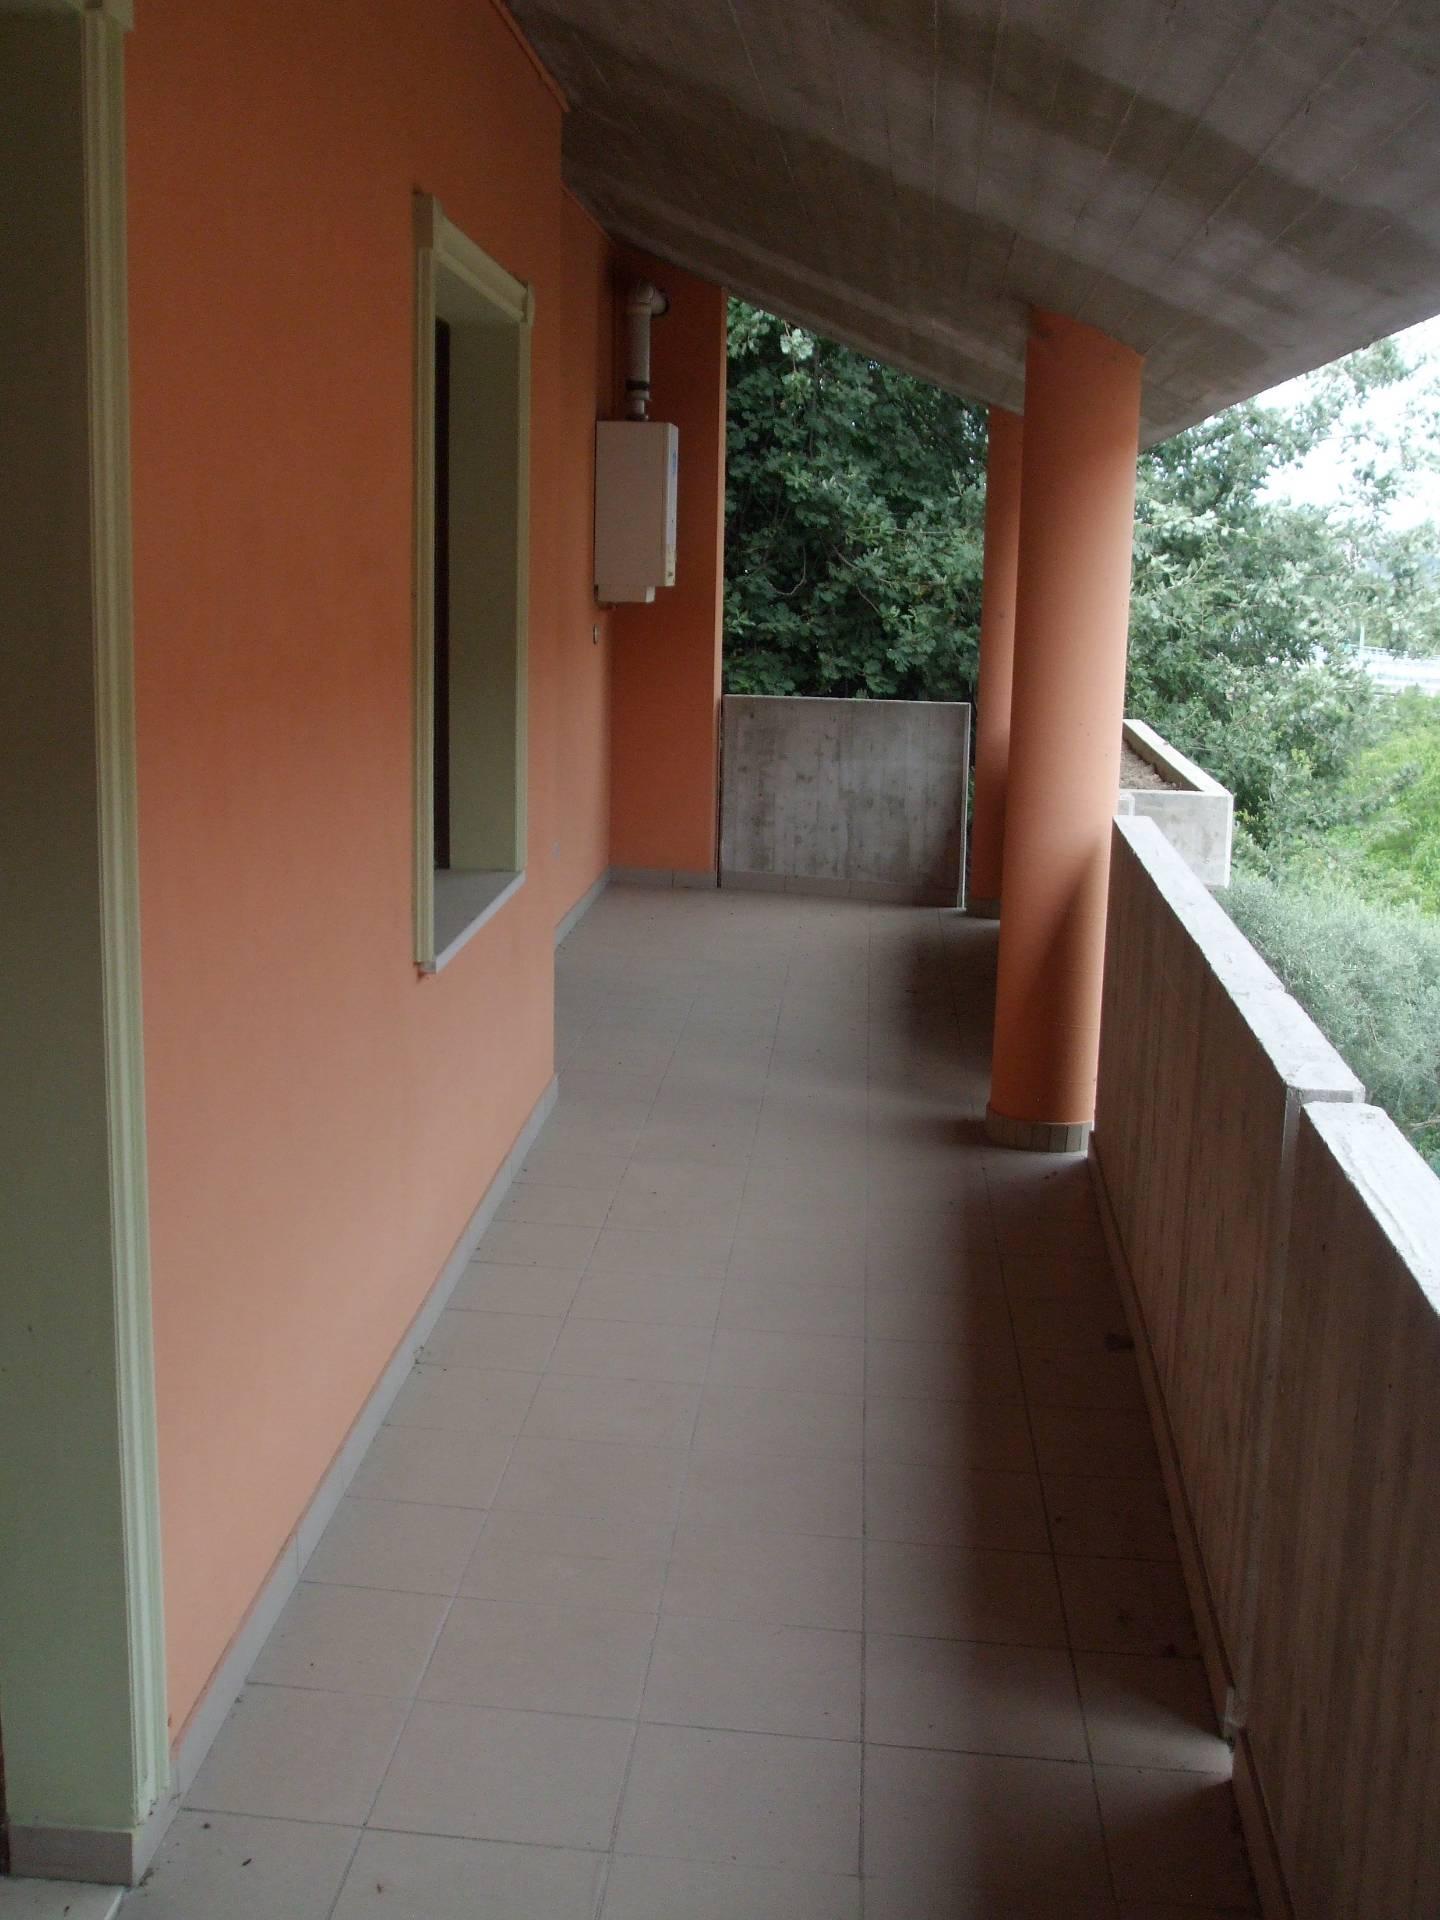 Soluzione Indipendente in vendita a Teramo, 3 locali, zona Località: Primaperiferia, prezzo € 139.000 | Cambio Casa.it